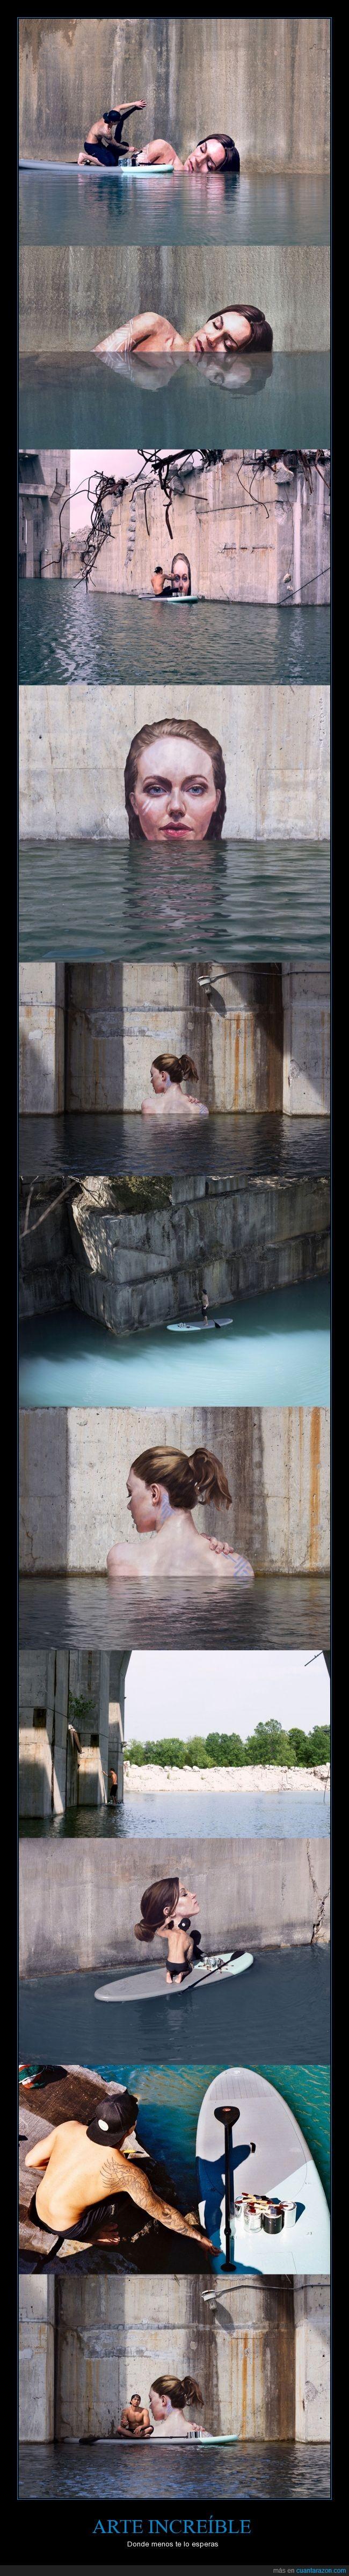 agua,arte,artista,bañera,chica,cuatro,lago,mucho swag en la última foto,pared,pintura,reflejo,surf,tabla